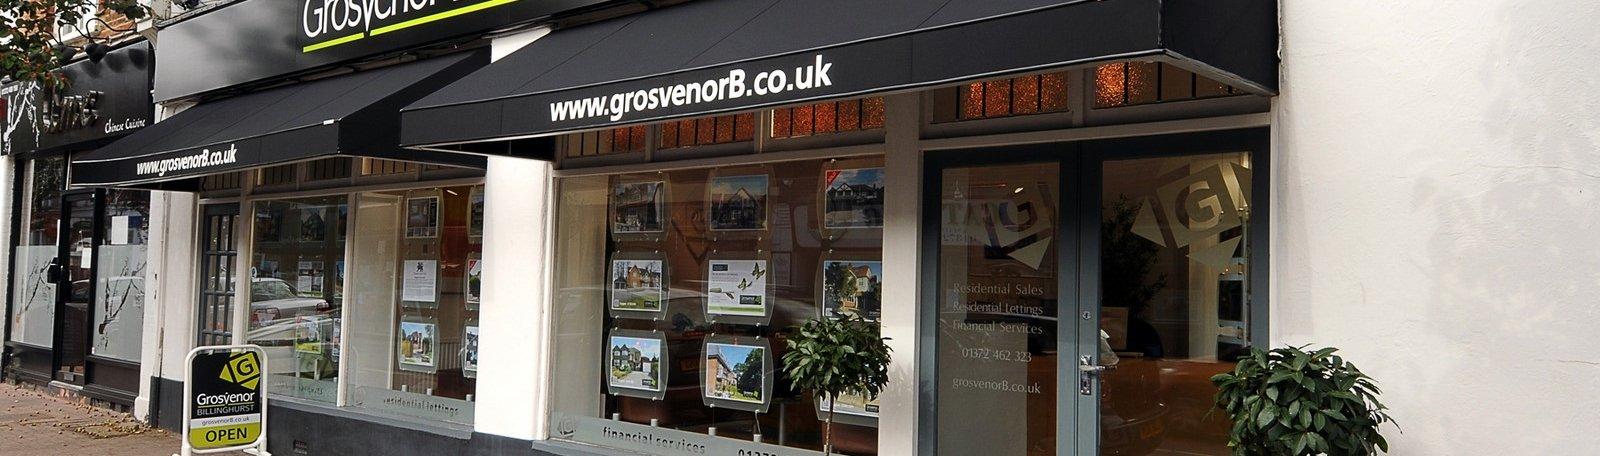 Offices Claygate Estate Banner Grosvenor Billinghurst